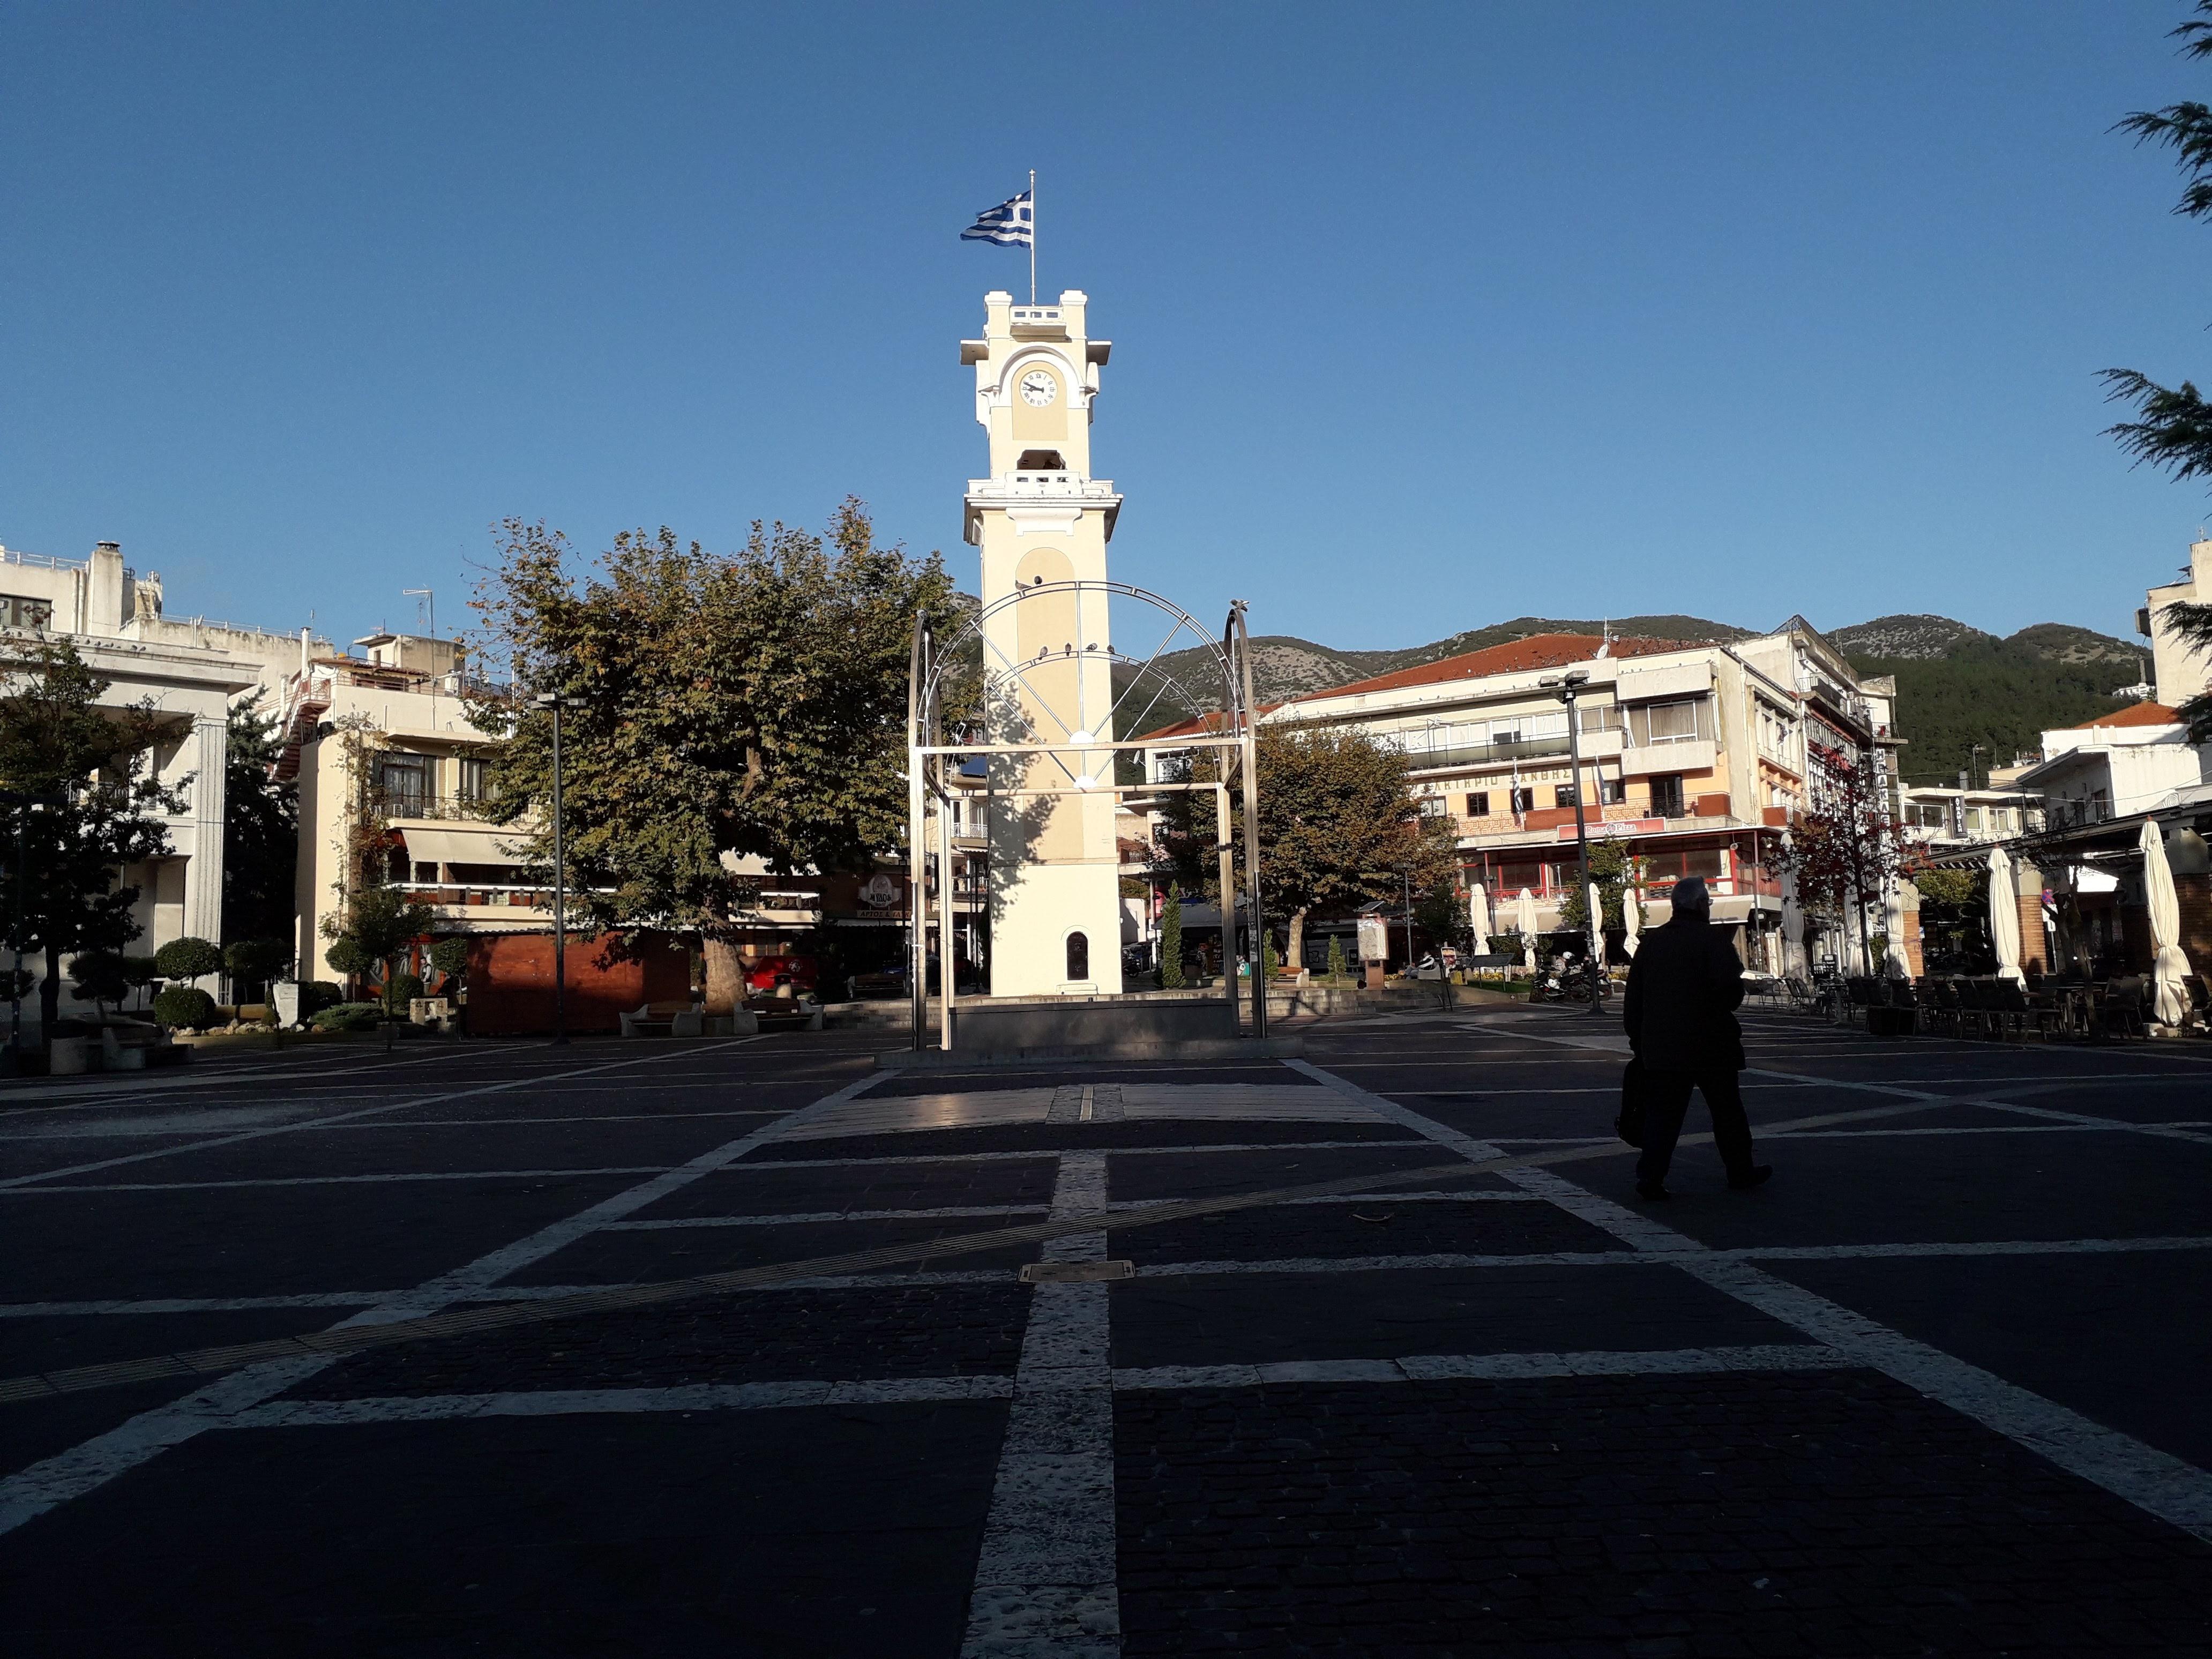 Μετακίνηση σε άλλο Δήμο: Έτσι δεν θα πληρώσετε 300 ευρώ